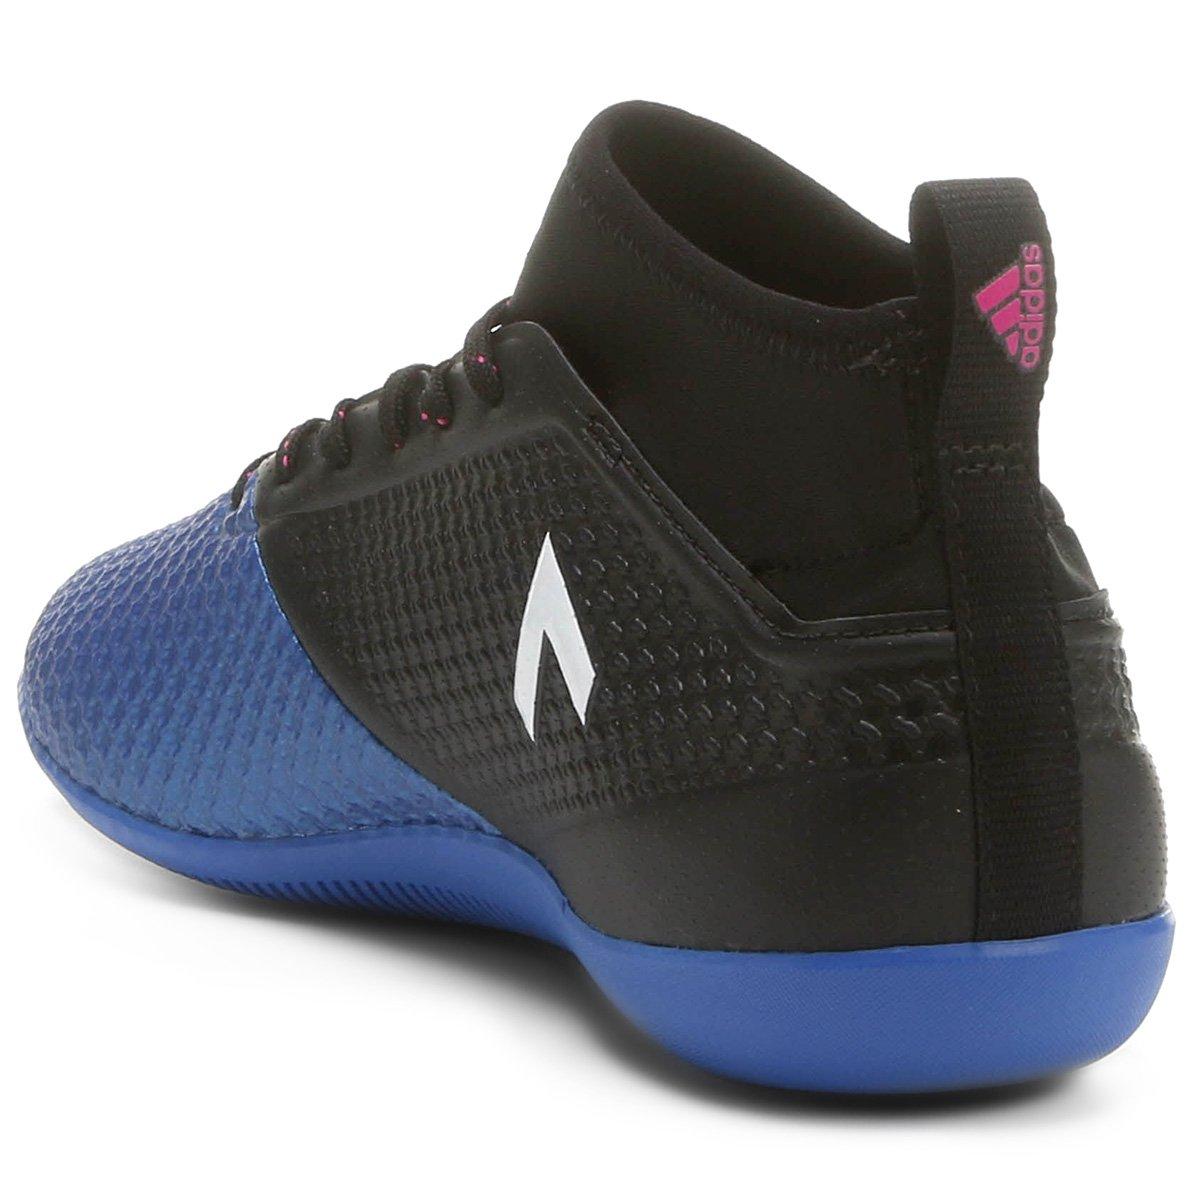 Chuteira Futsal Adidas Ace 17 3 IN Masculina Preto e Azul Compre 1e267f44718c7